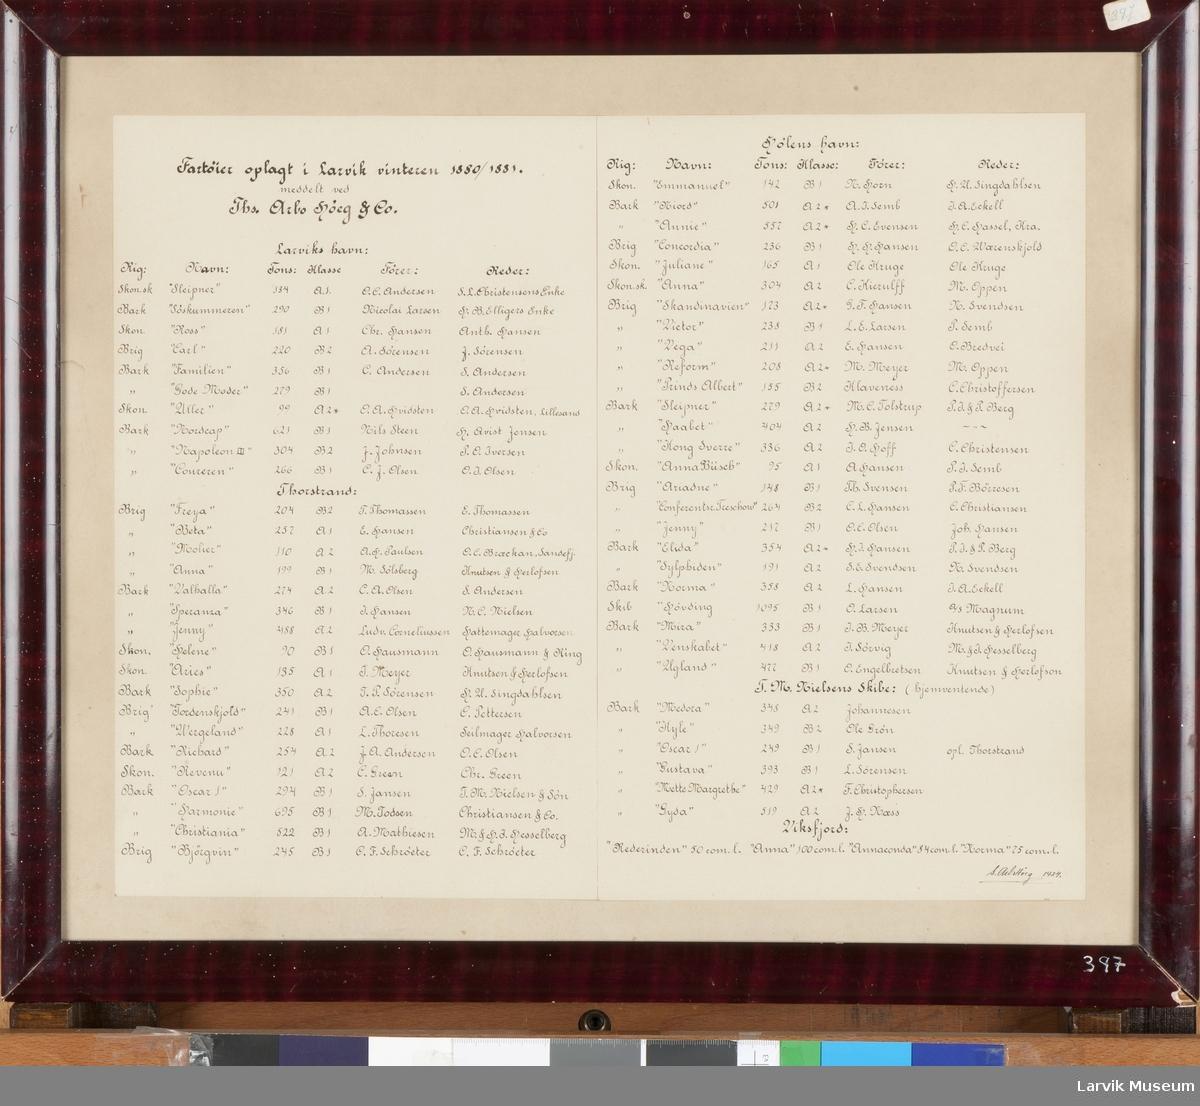 Liste over fartøyer opplagt Larvik 1880/81